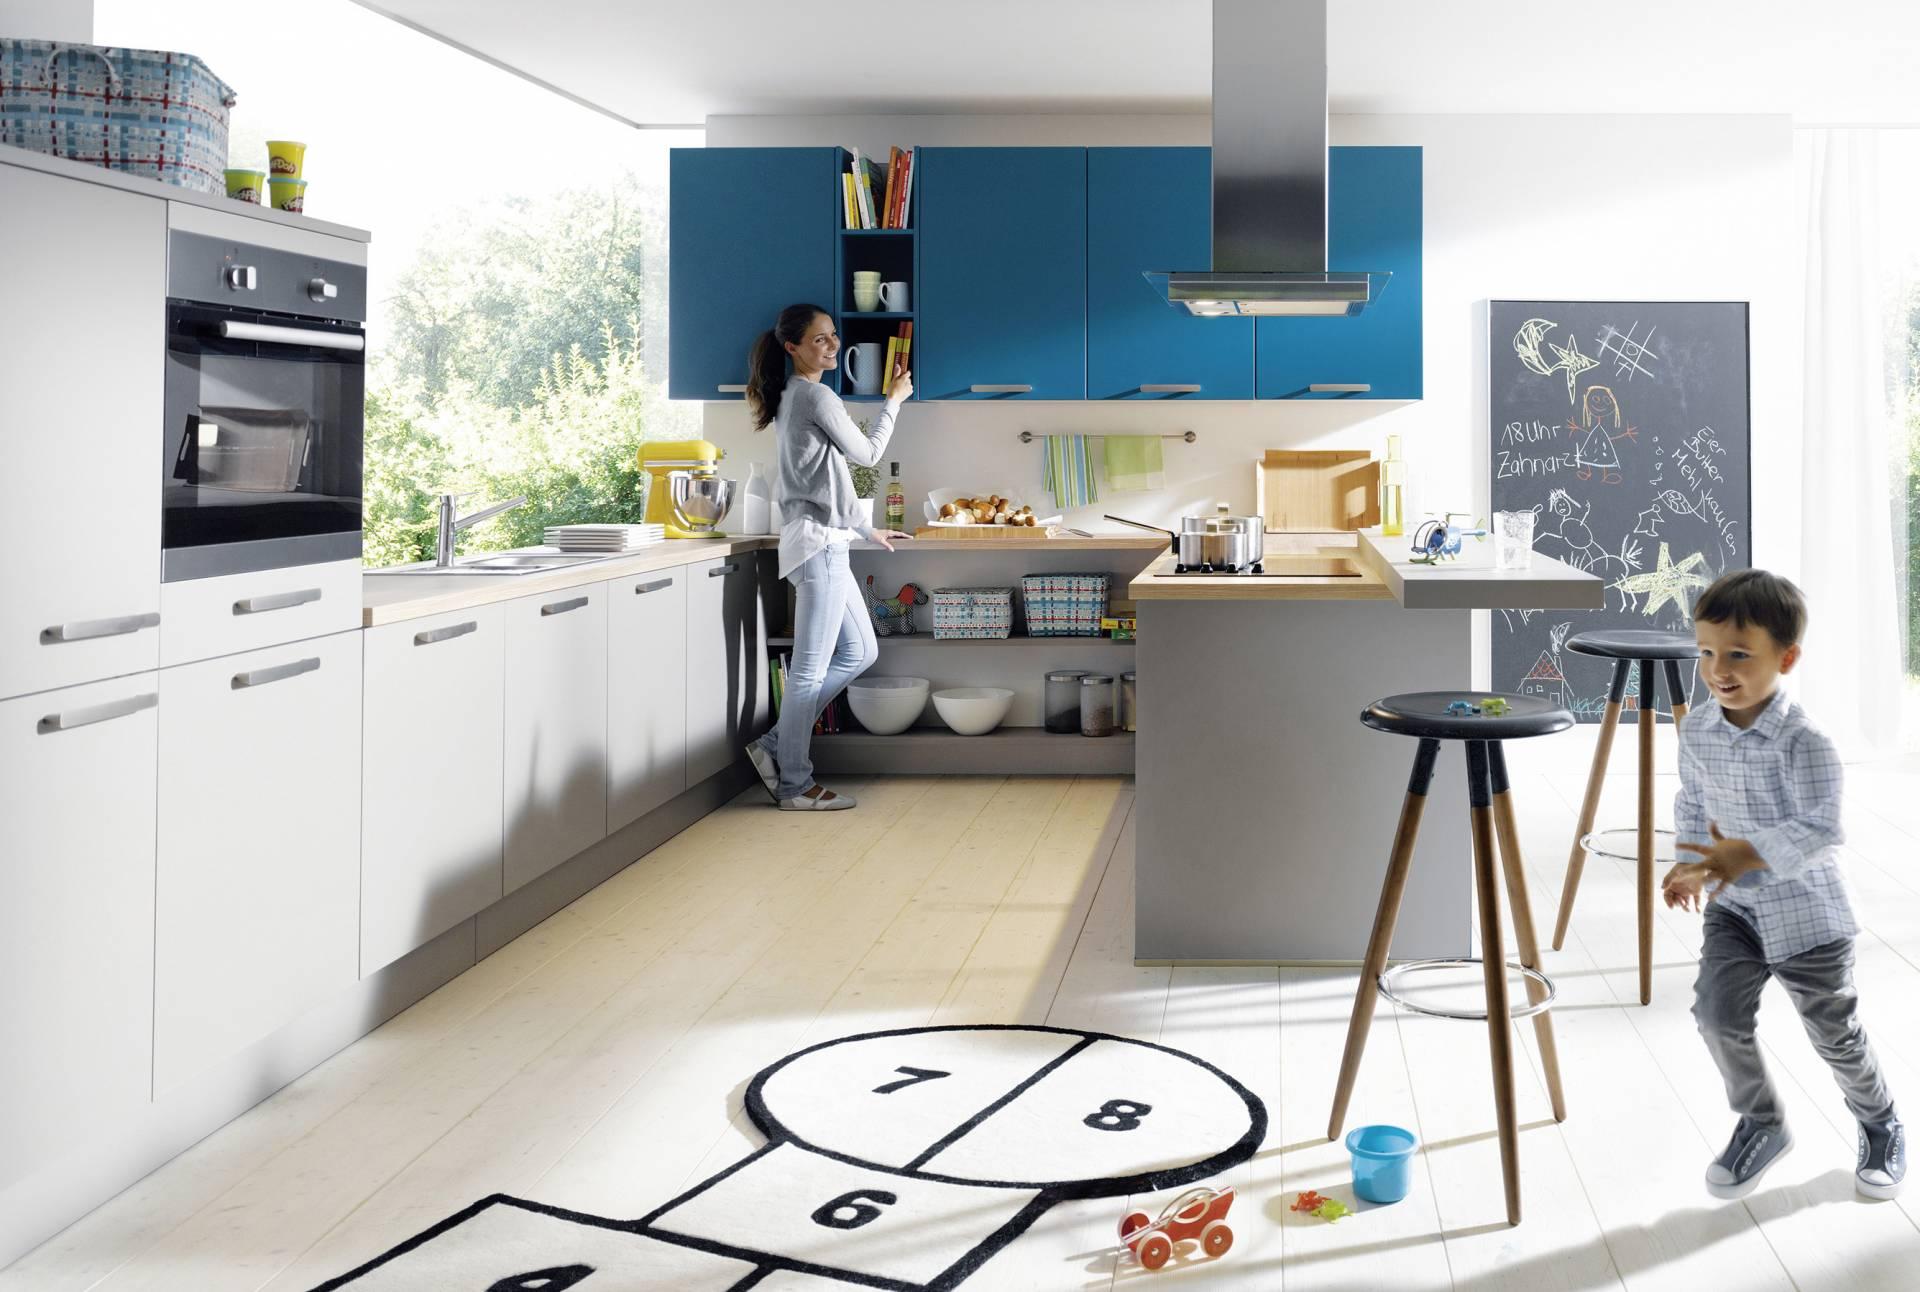 Farbgestaltung in der Küche: Drei Farben sind genug!